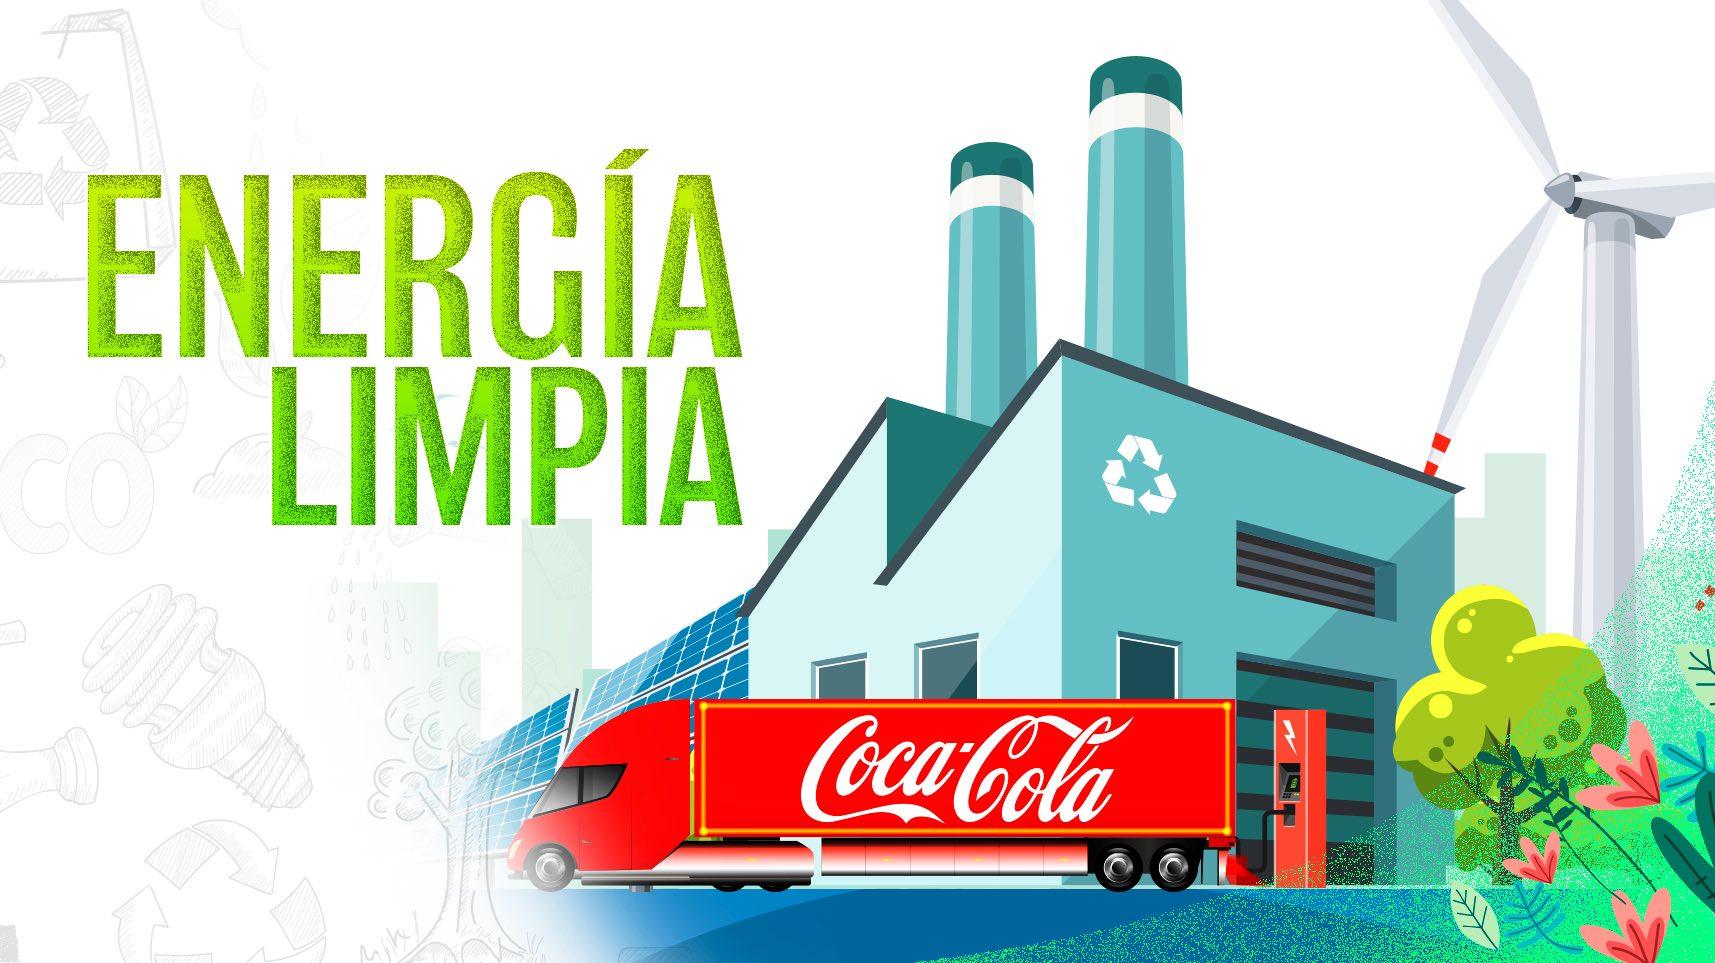 Energía limpia en Coca-Cola FEMSA contra el cambio climático.